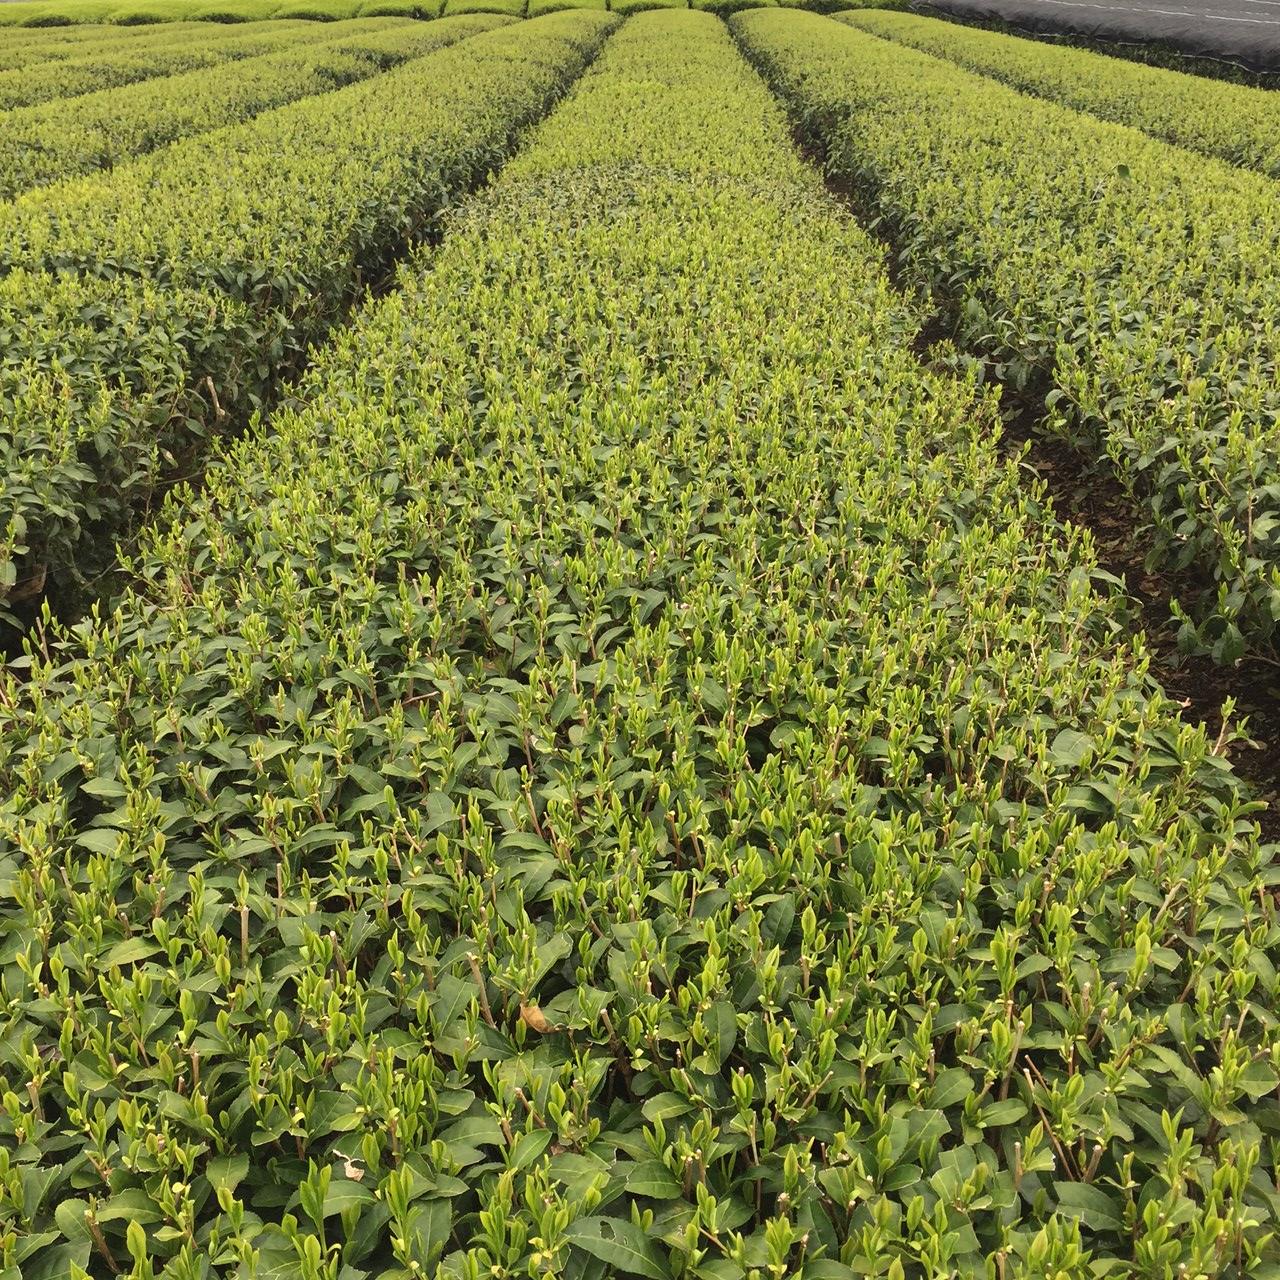 2017年4月16日かごしま緑茶の茶園風景です。品種はヤブキタです。小さな新芽成長中。